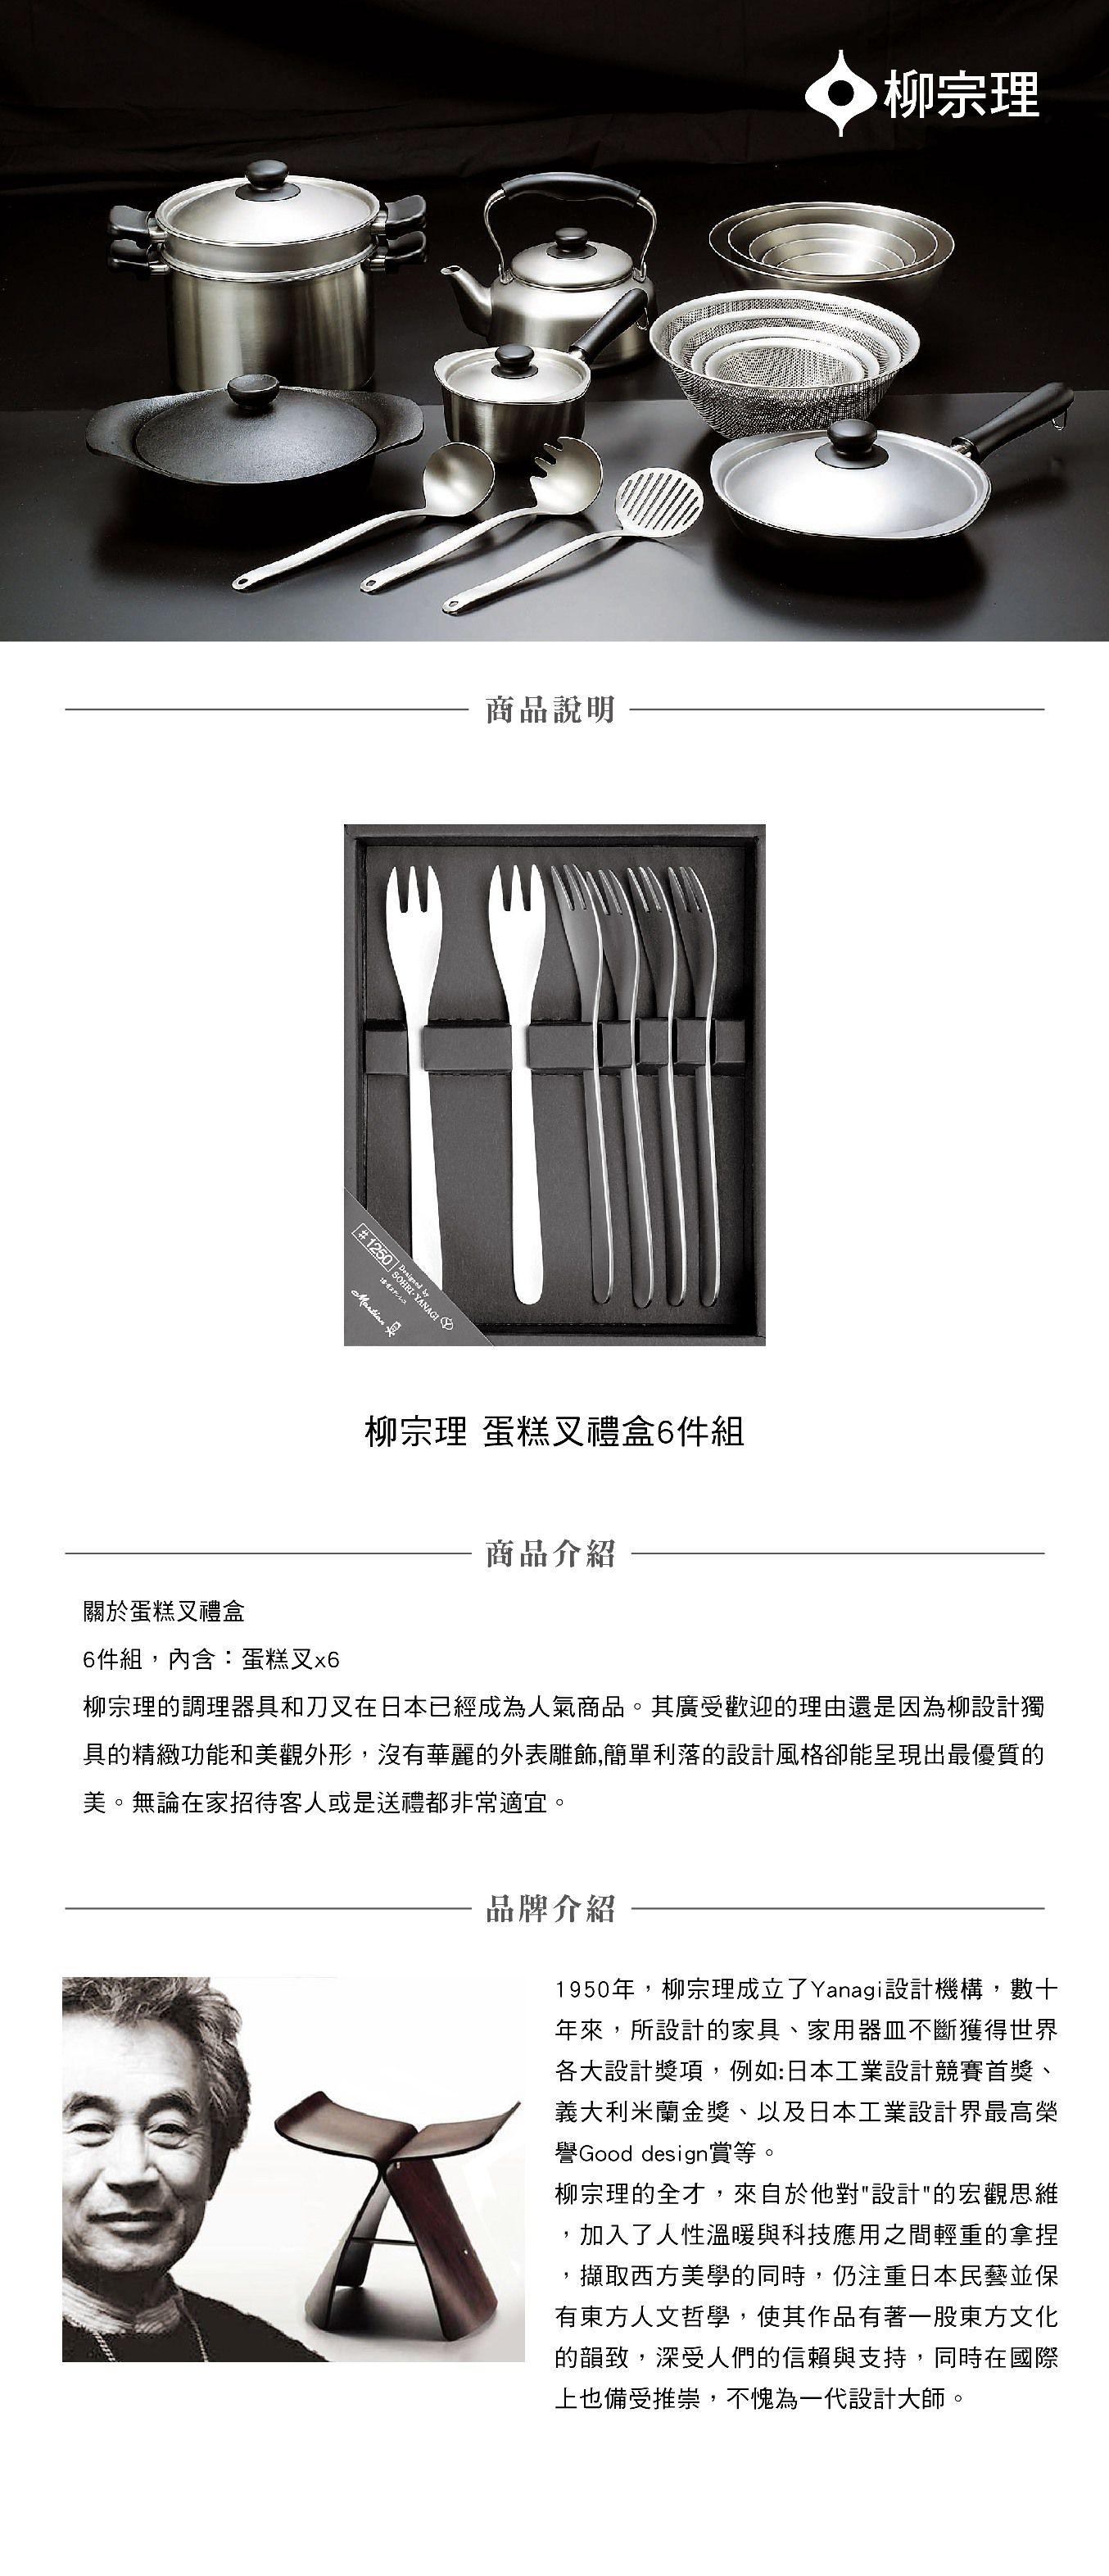 日本 柳宗理 不鏽鋼刀叉禮盒 6入組 (蛋糕叉6支)